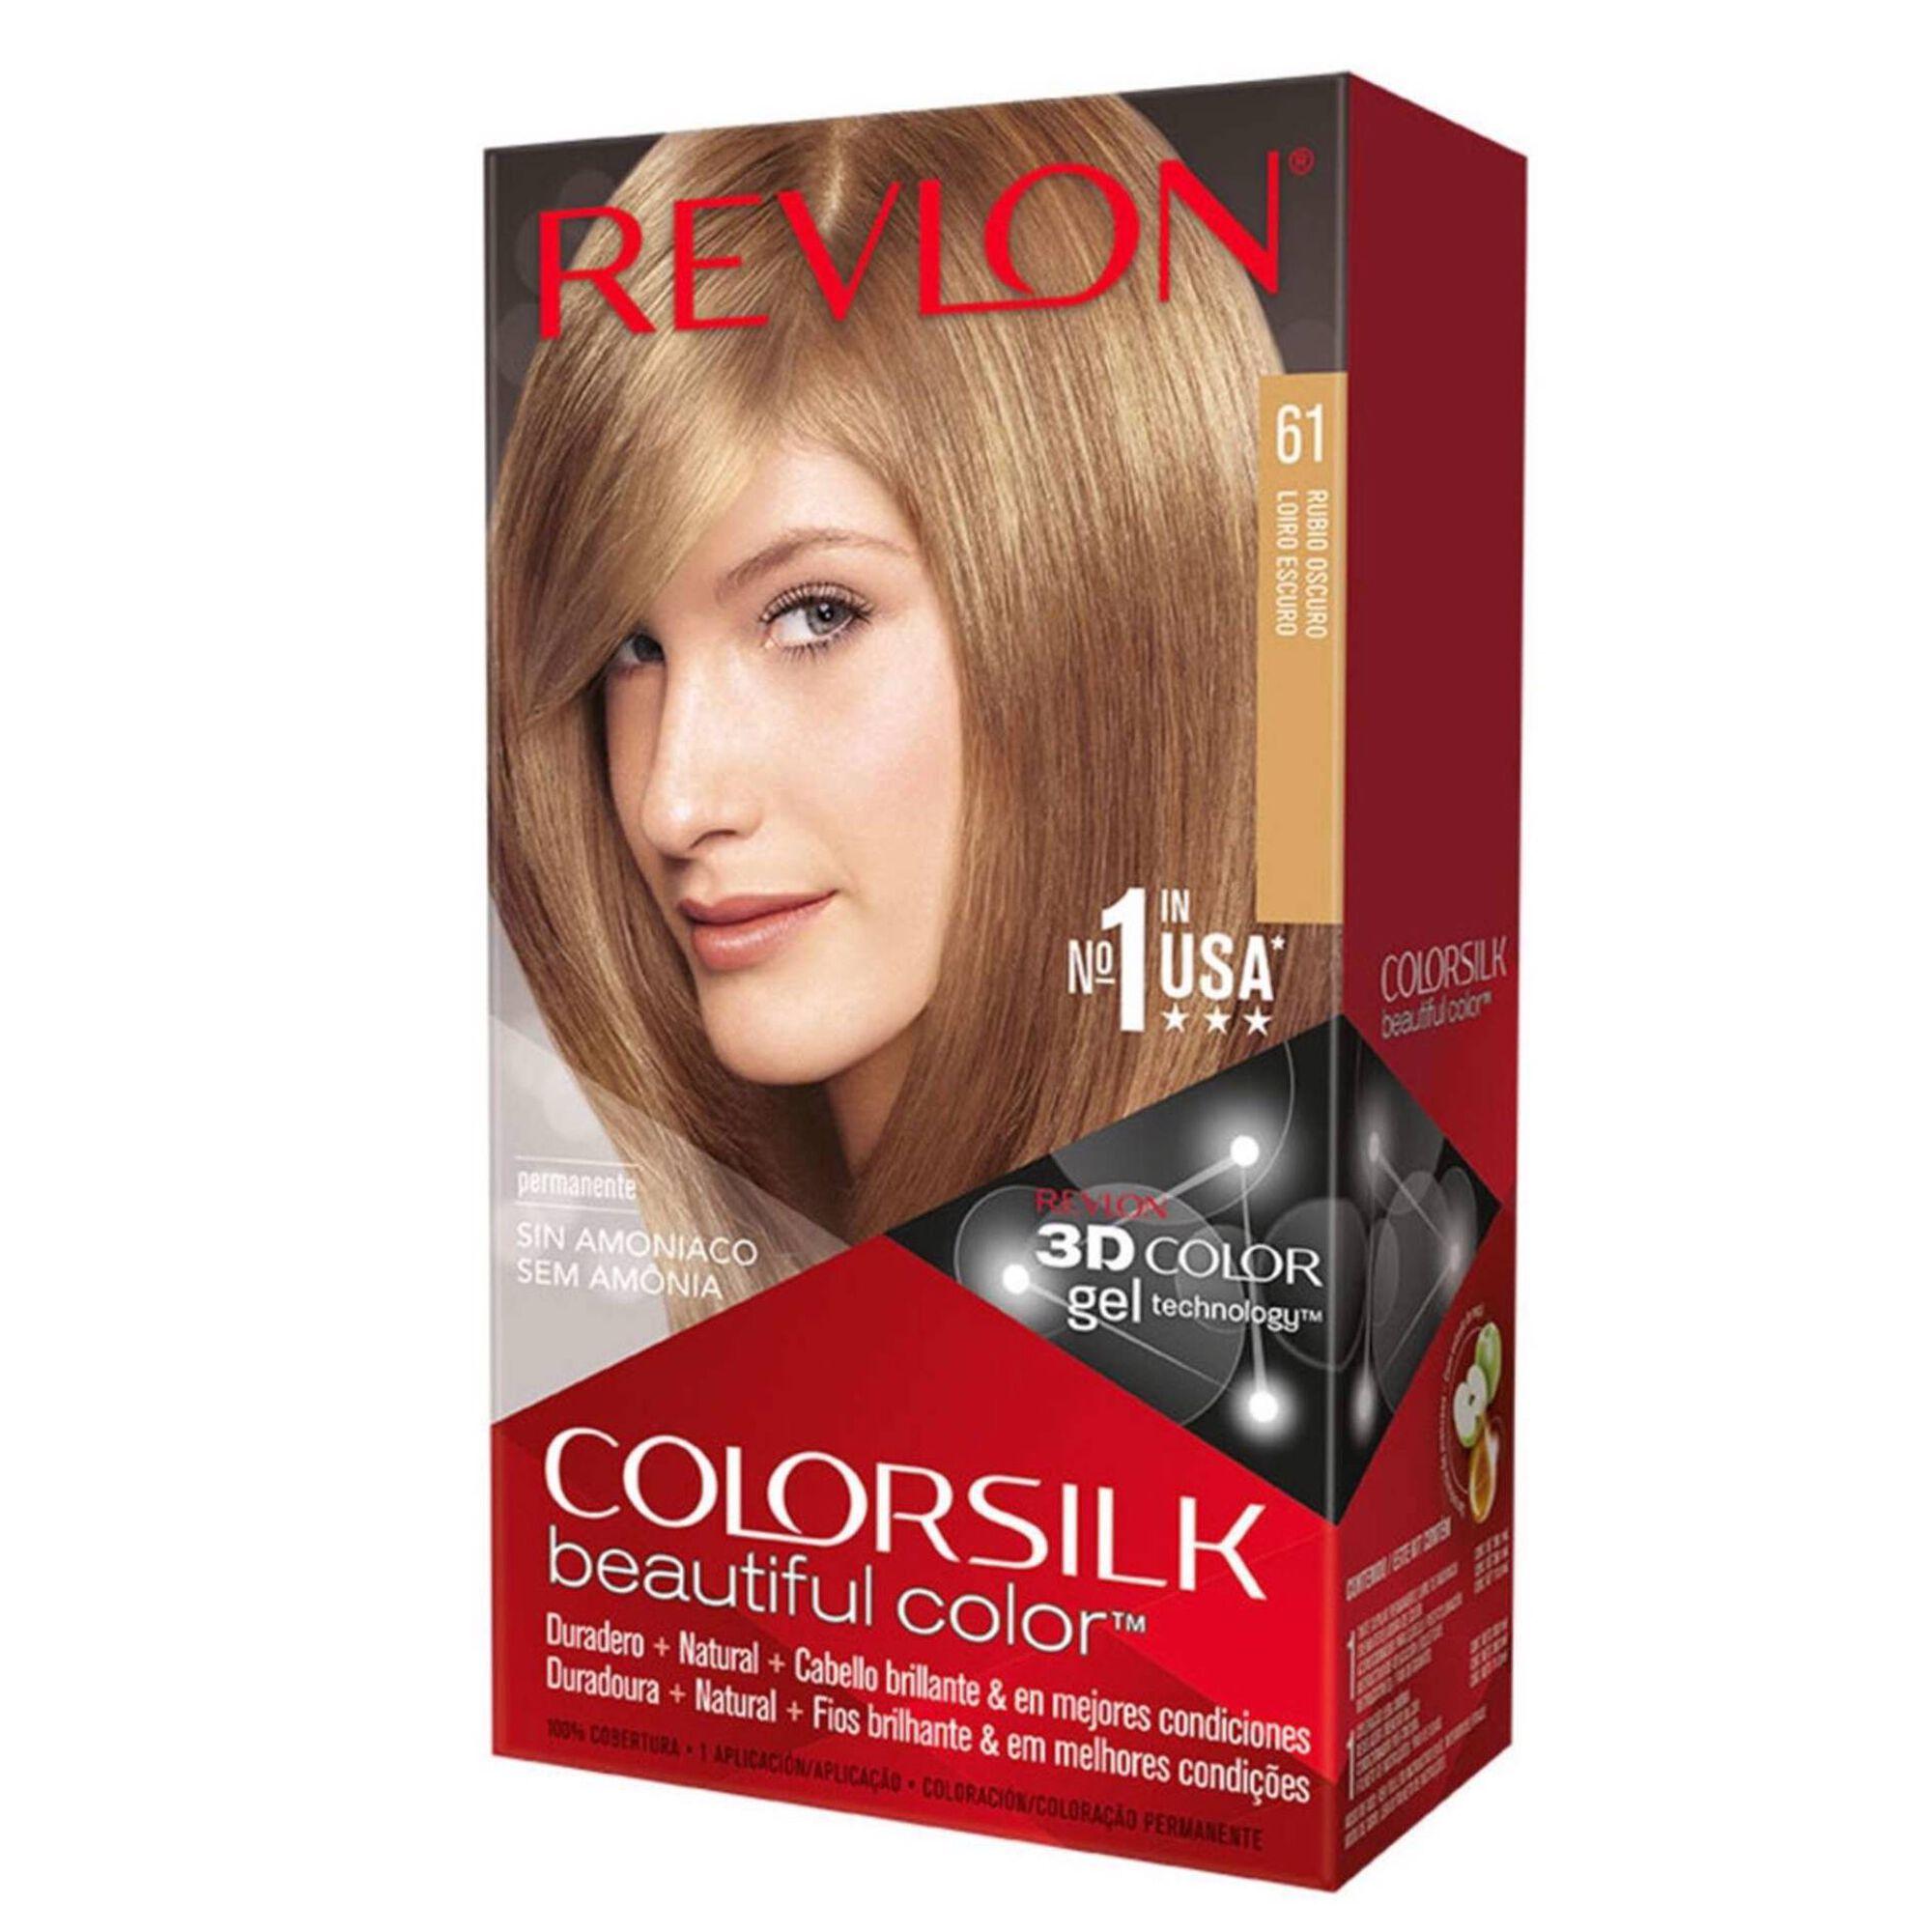 Coloração Permanente Colorsilk Louro Escuro 61